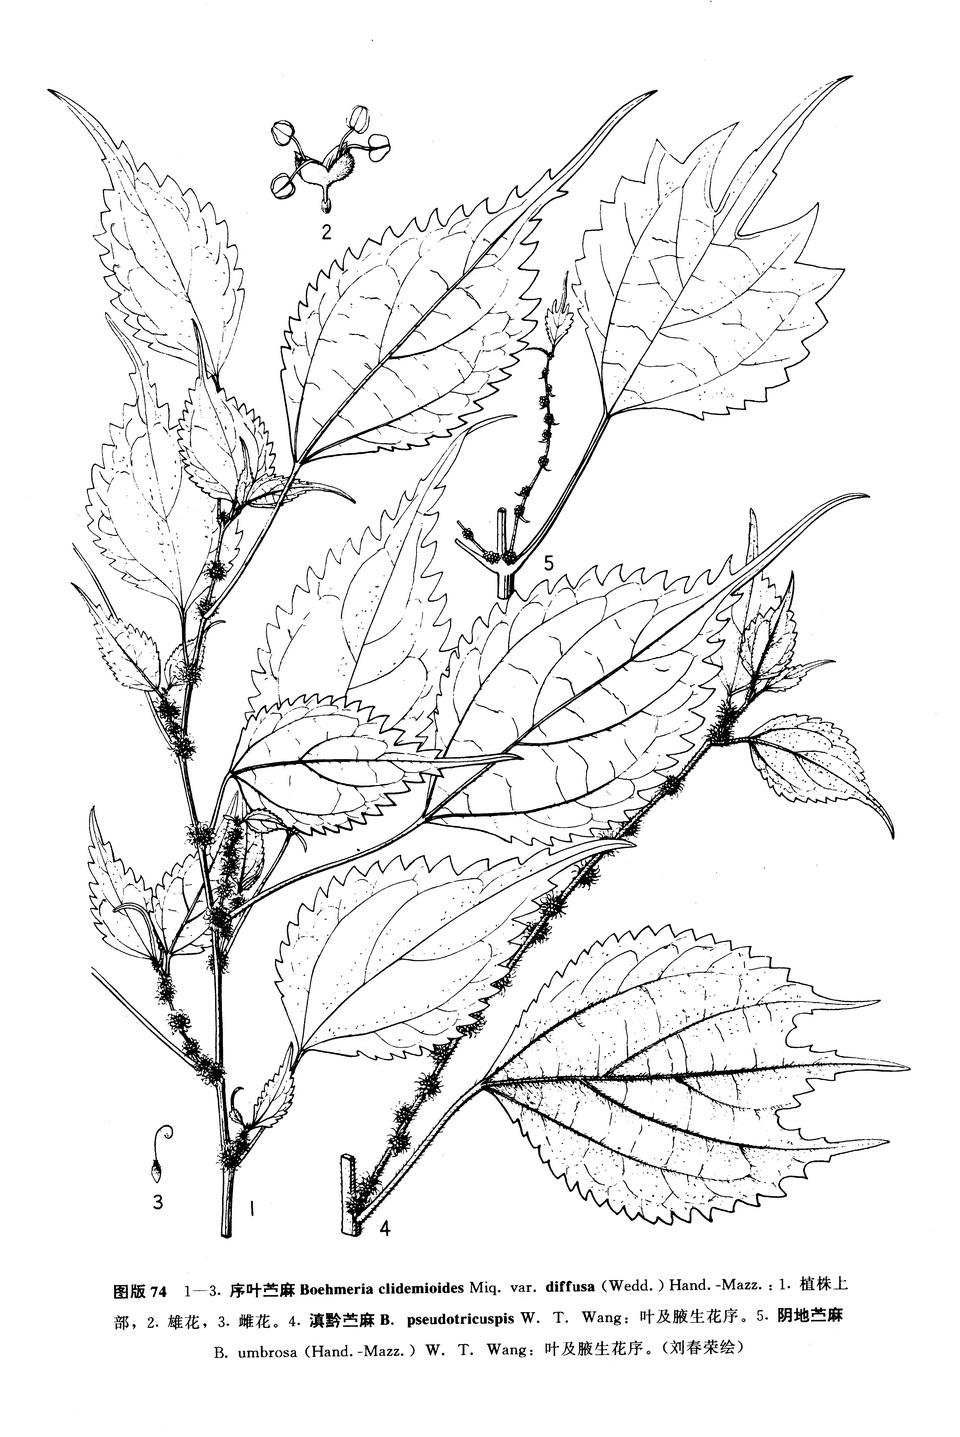 茎9�biˮx��_多年生草本;茎高45-85厘米,基部多少木质,通常不分枝,与叶柄及花序